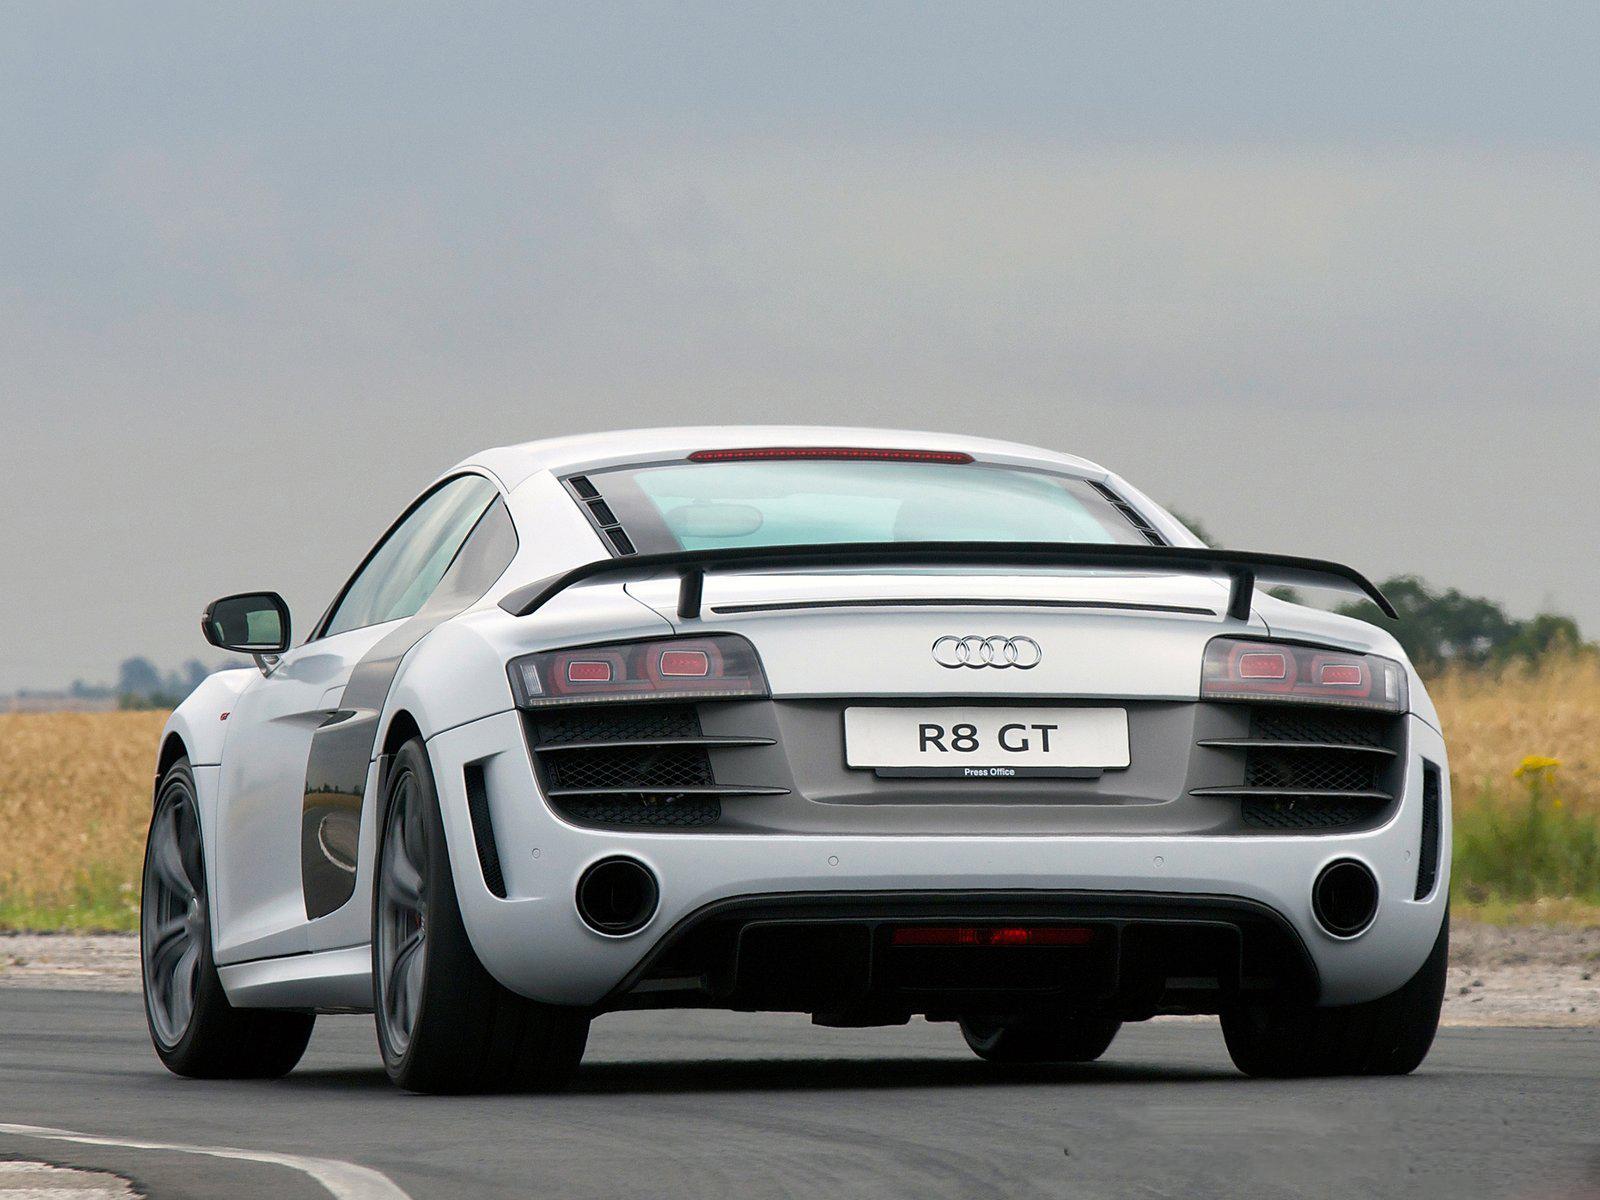 Audi r8 gt rear view